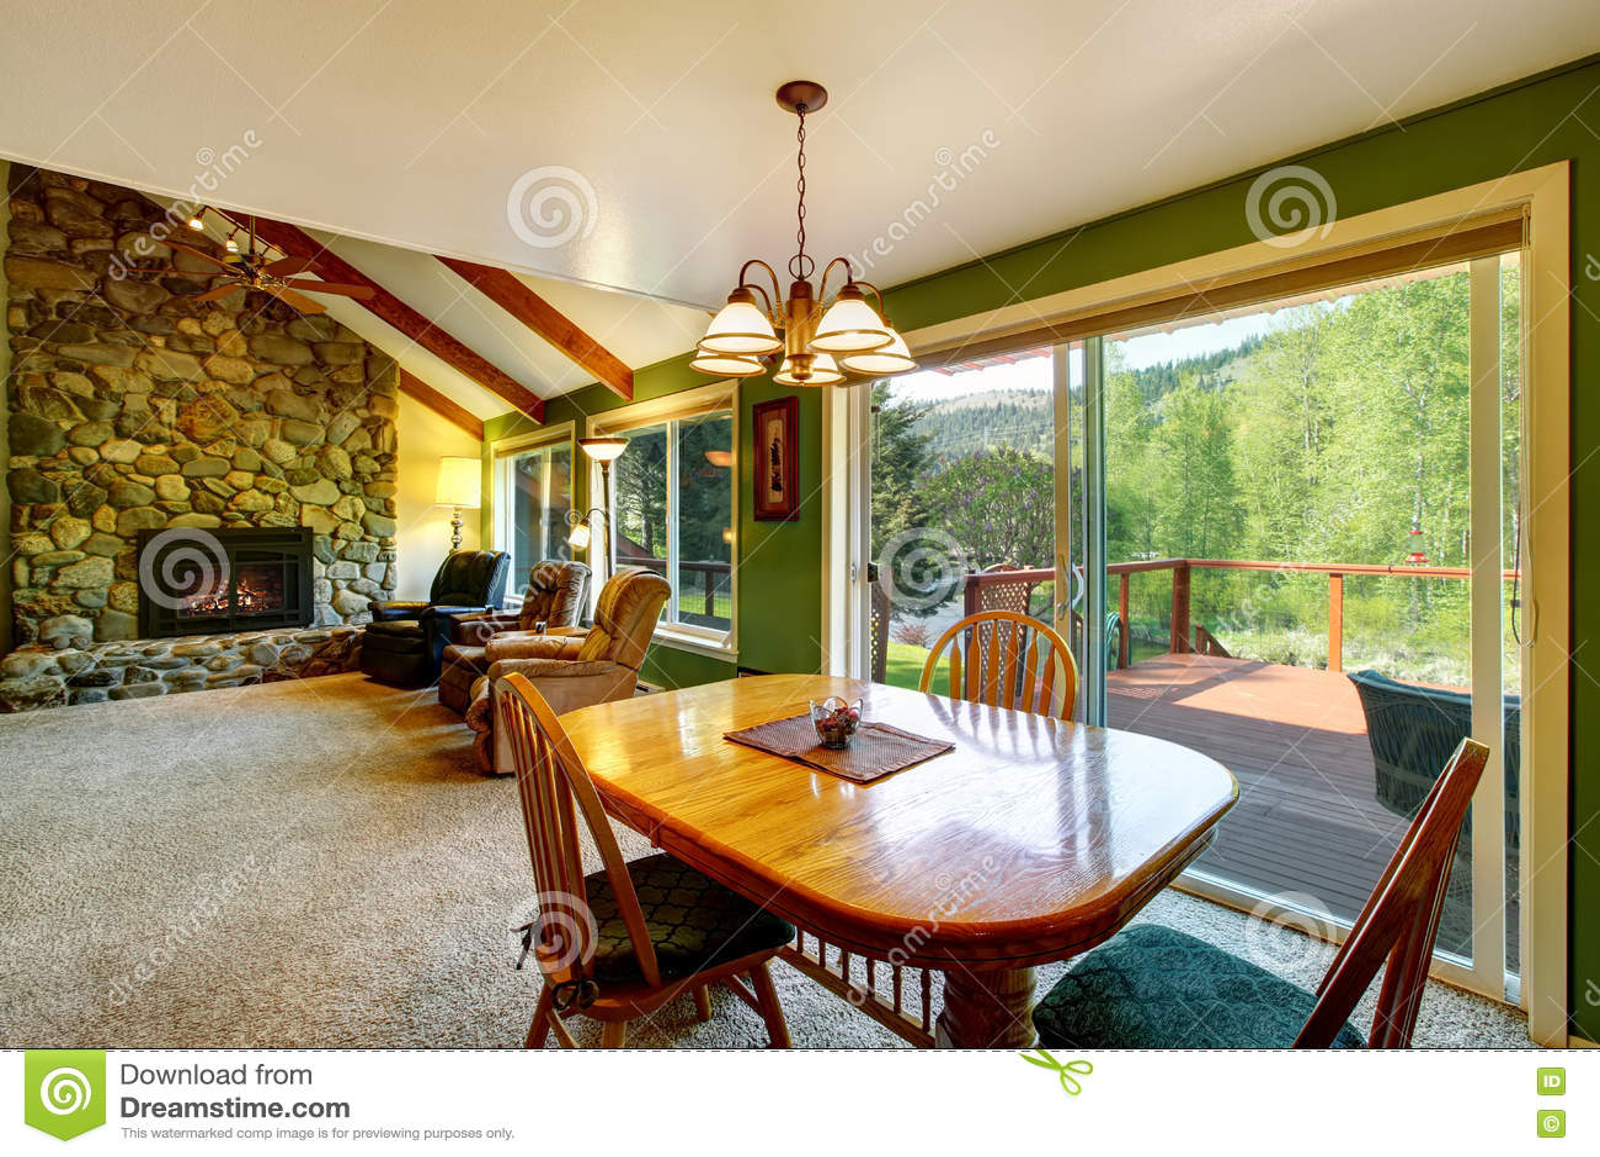 grand int rieur de salon et de diner dans la maison de campagne am ricaine image stock image. Black Bedroom Furniture Sets. Home Design Ideas